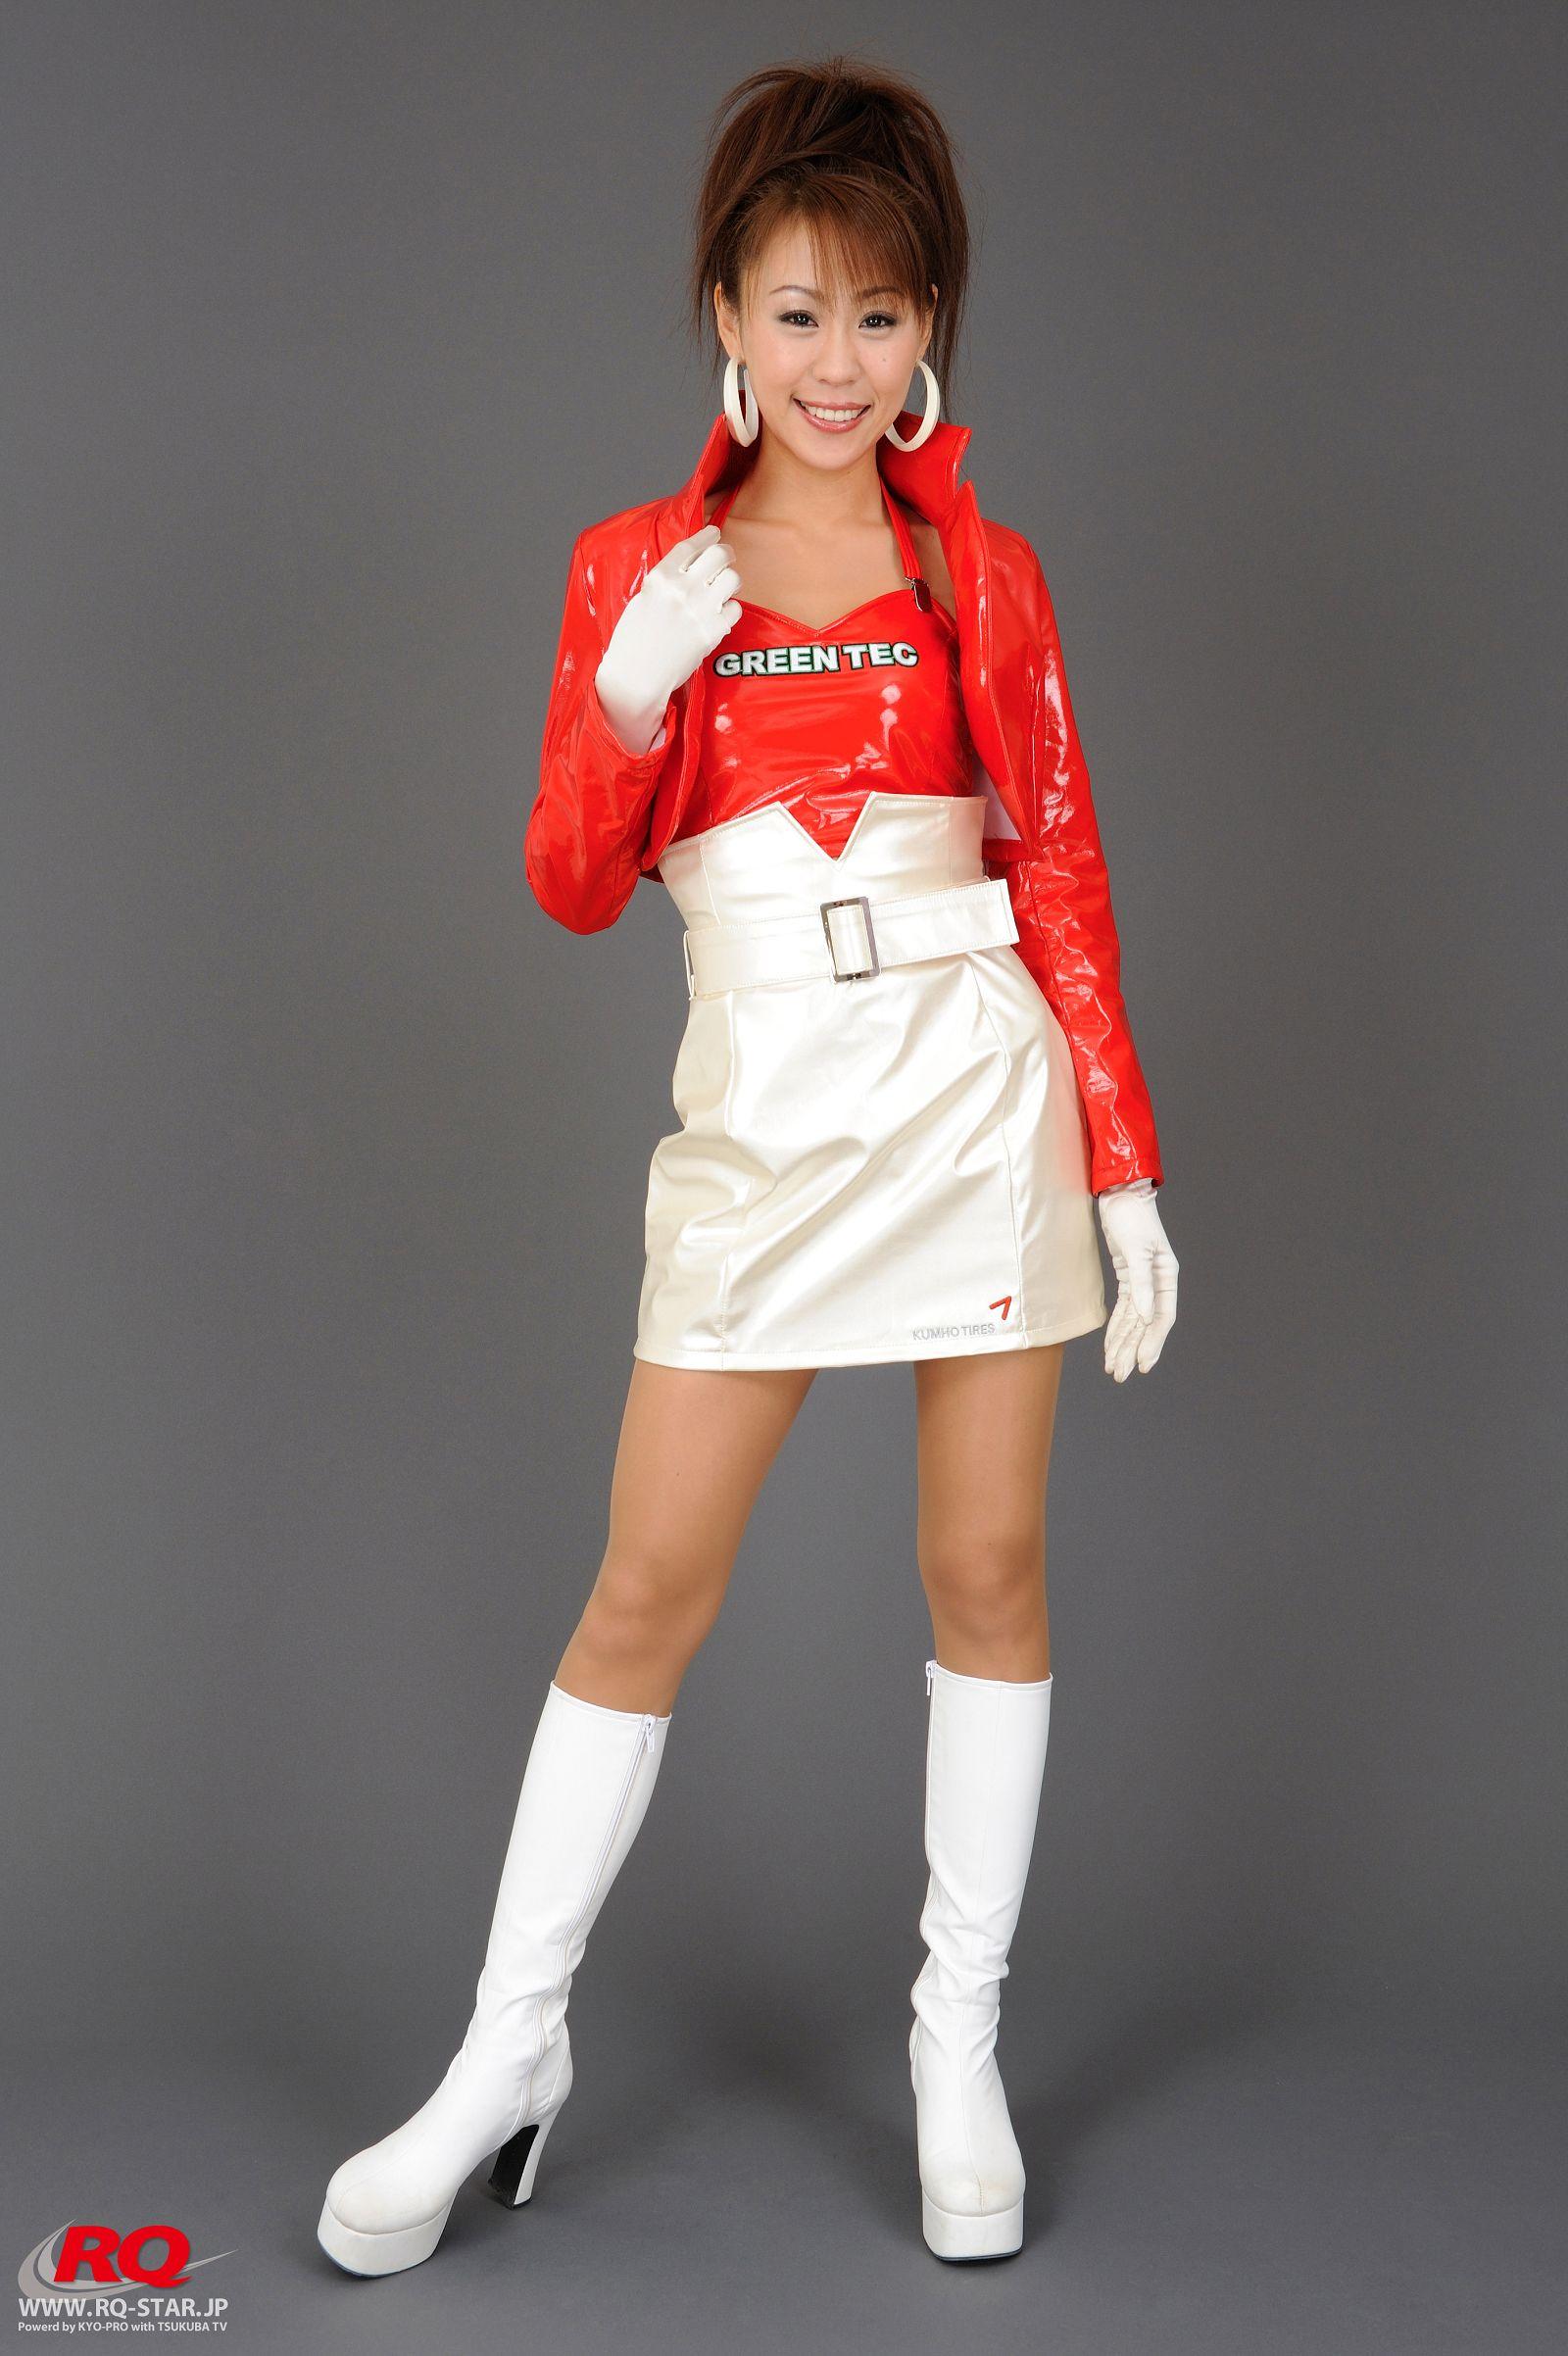 [RQ STAR美女] NO.0024 Mika YoKobe 橫部実佳 Private Dress[200P] RQ STAR 第1张